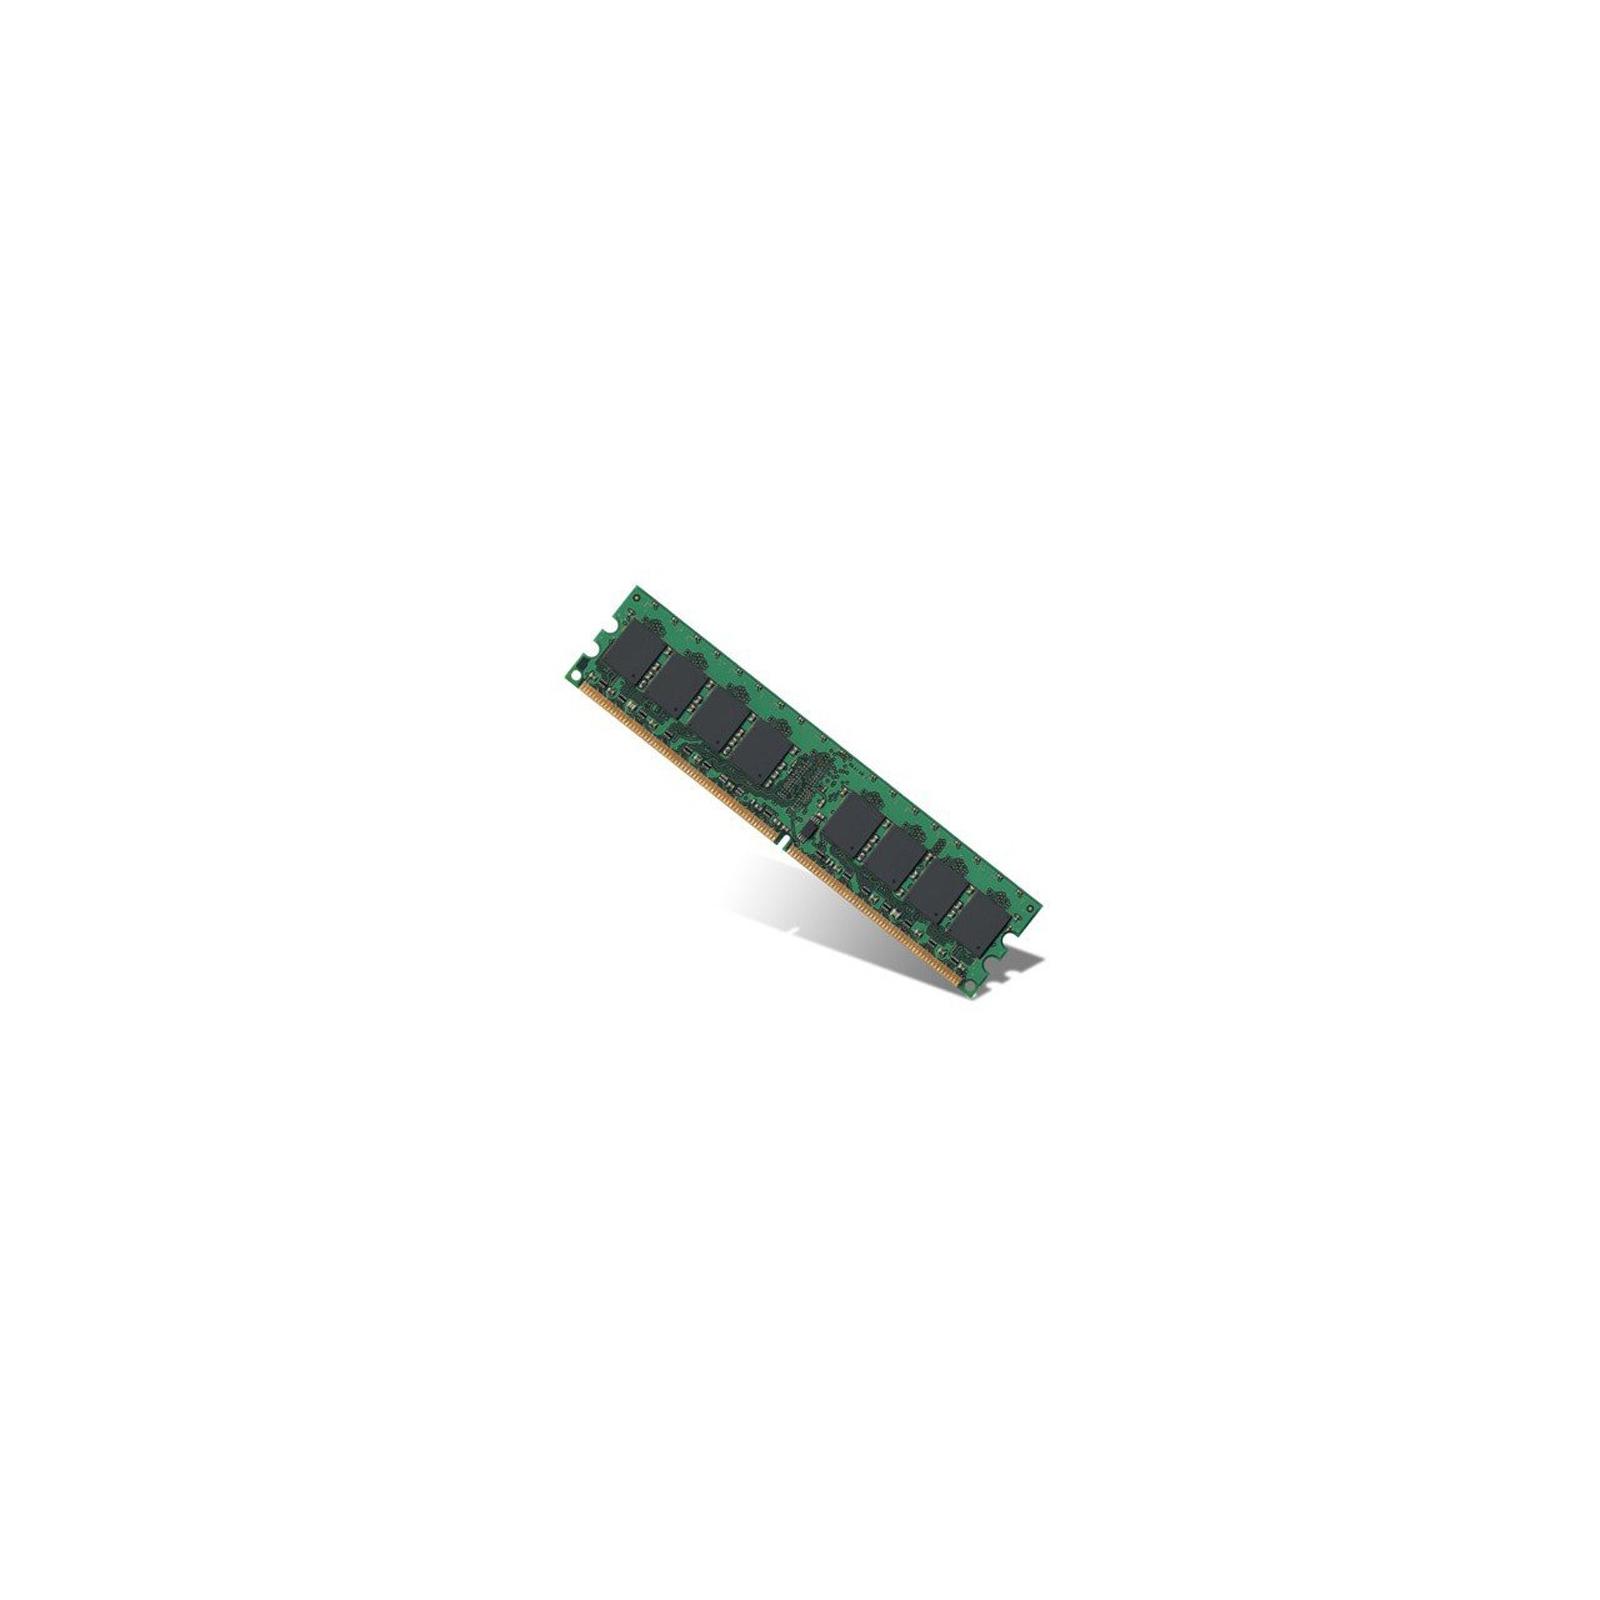 Модуль памяти для ноутбука SoDIMM DDR2 2GB 667 MHz G.Skill (F2-5300CL5S-2GBSQ) изображение 2